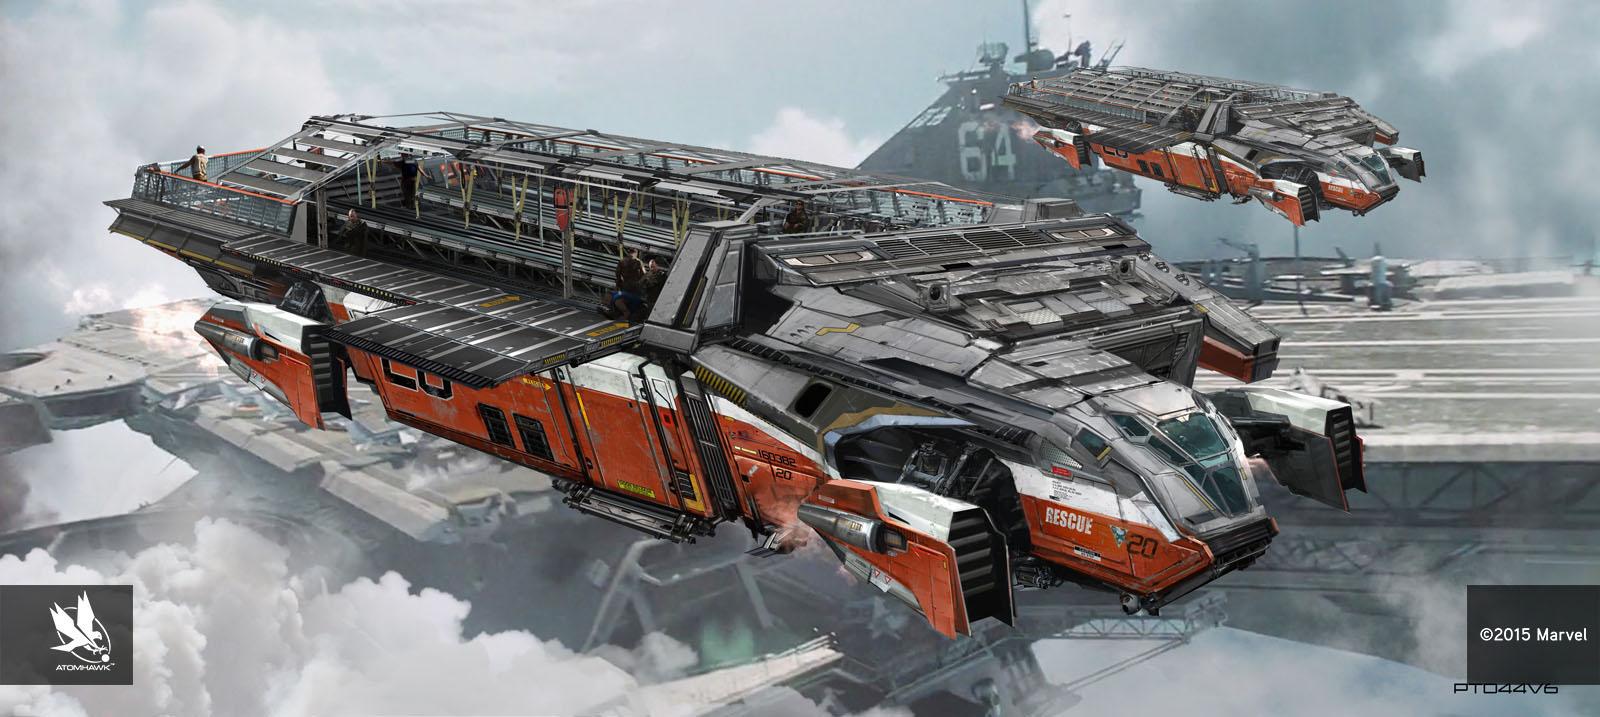 Atomhawk_Marvel_AvengersAgeOfUltron_ConceptArt_VehicleDesign_HeliCarrierRaft.jpg